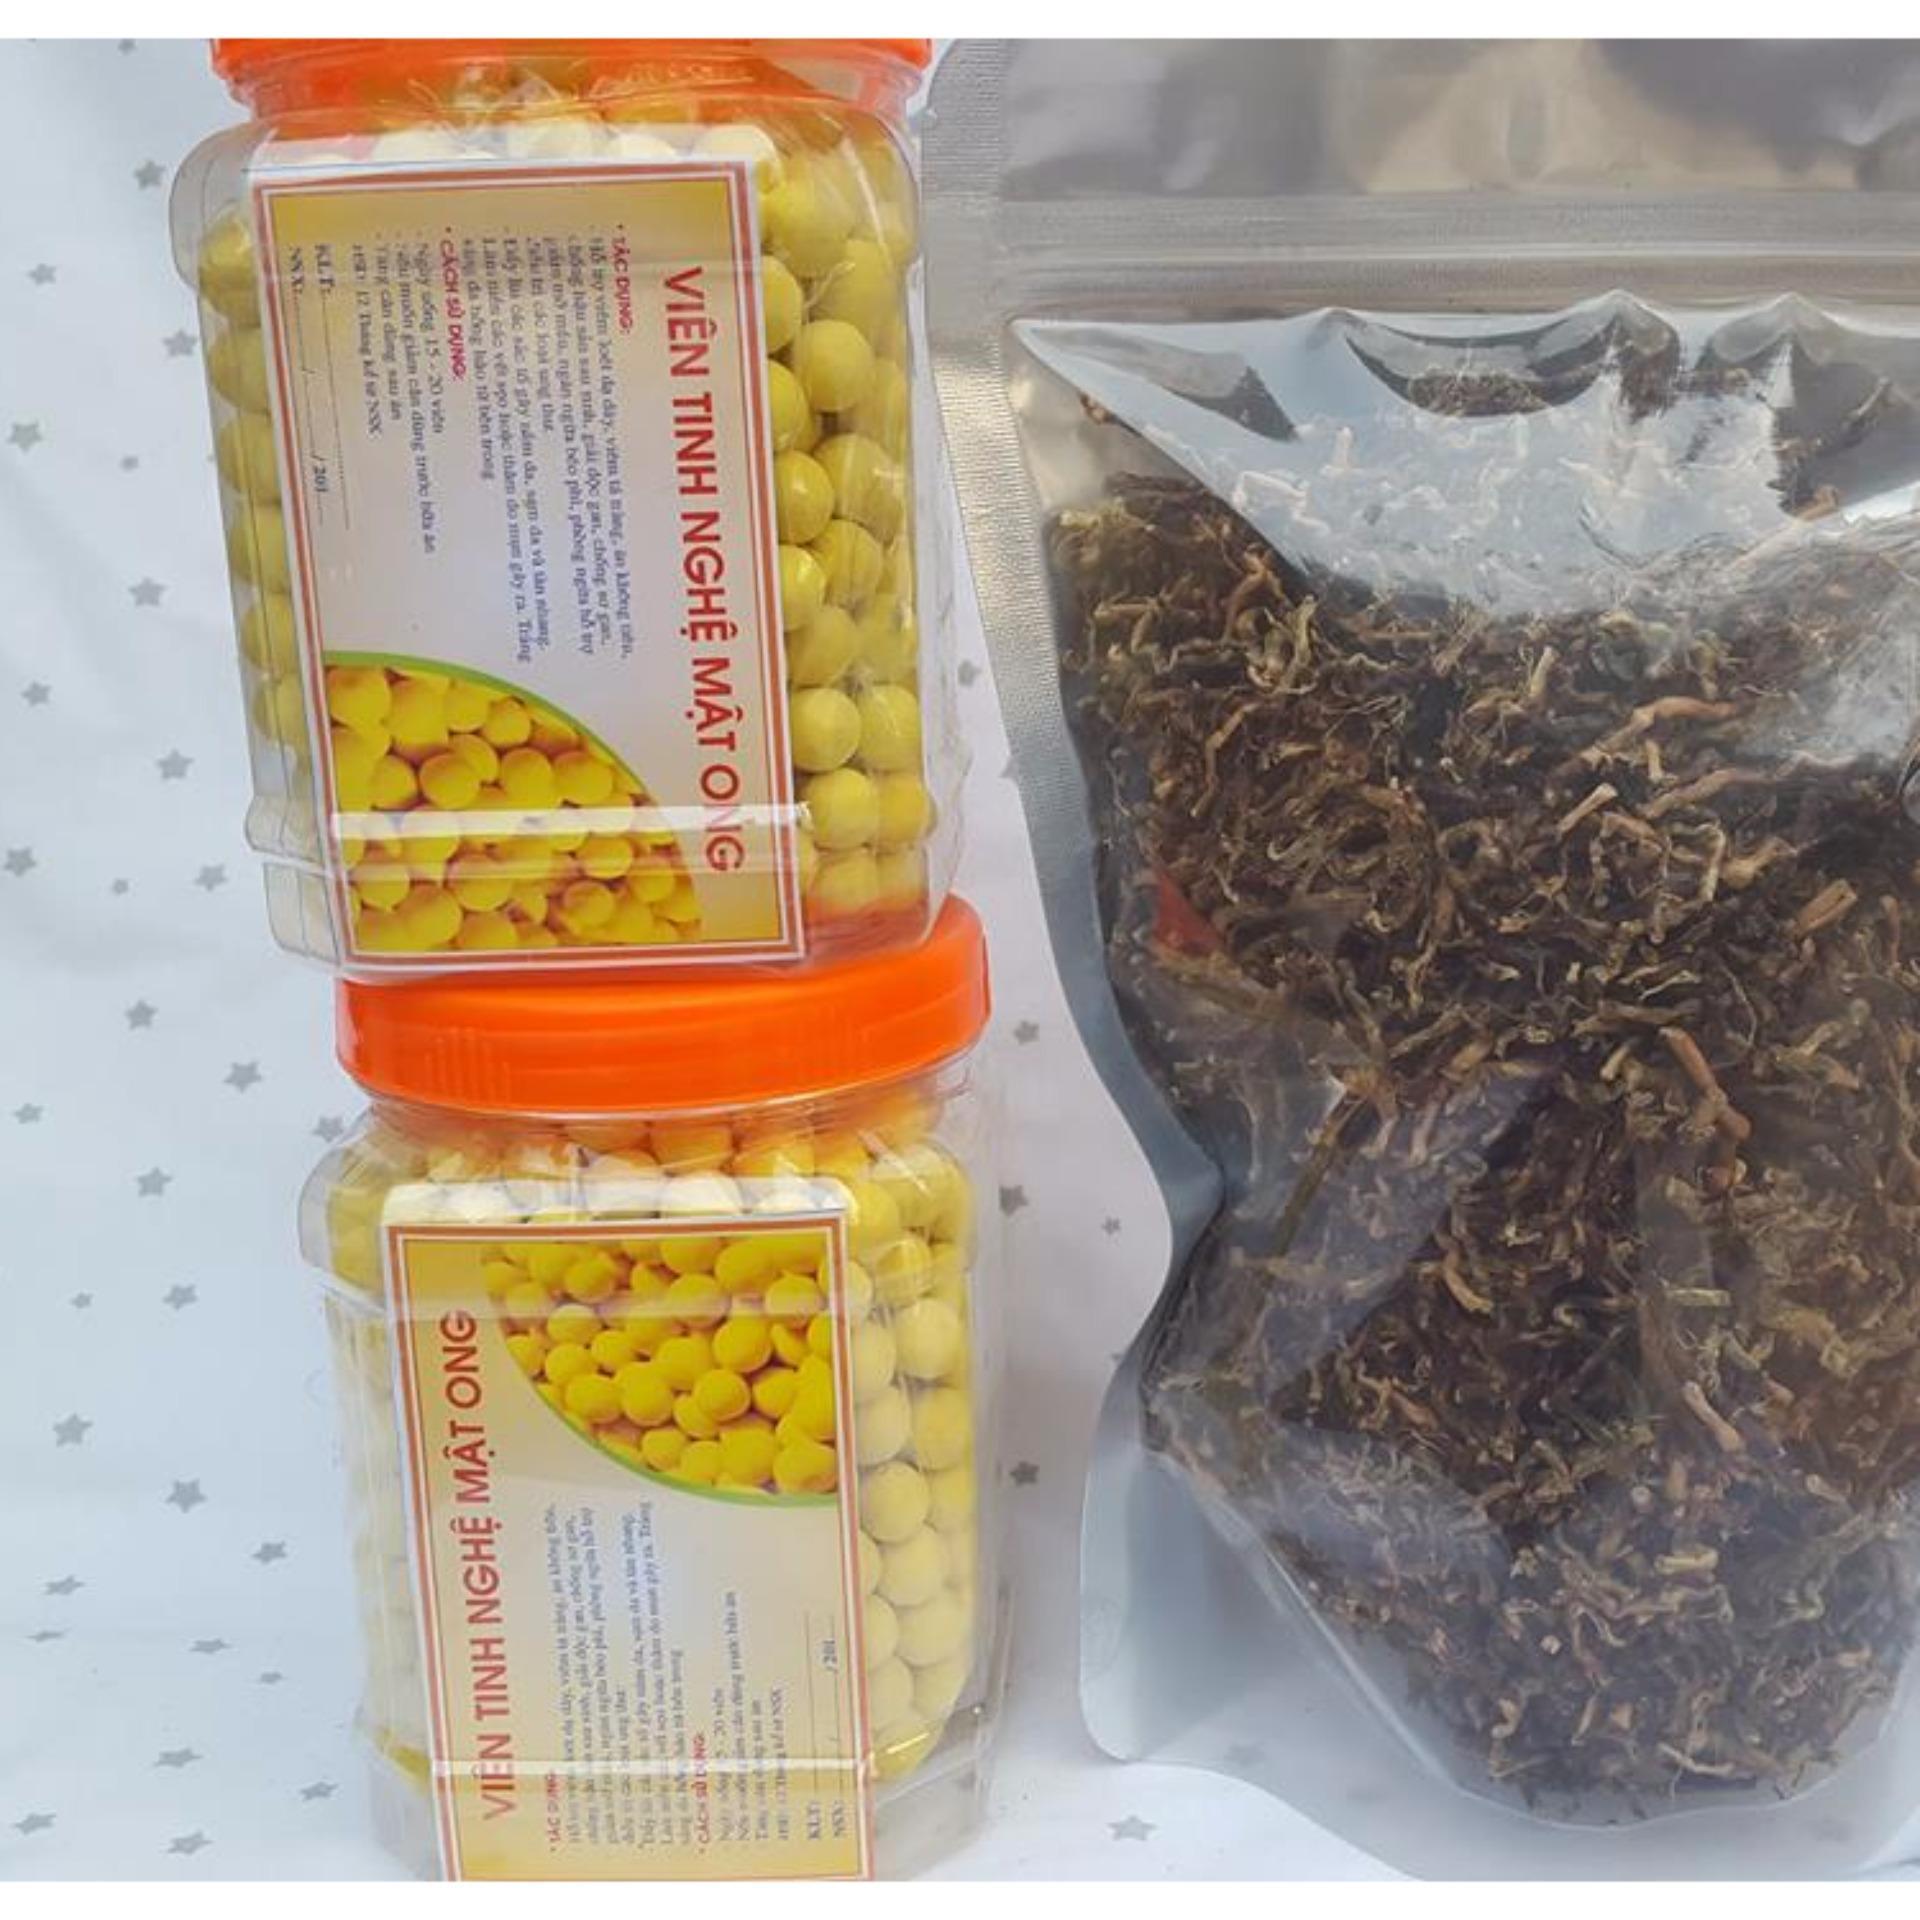 Viên Tinh bột nghệ mật ong 500g, làm đẹp, tăng cường sức khỏe, bổ máu, phòng chống ung thư